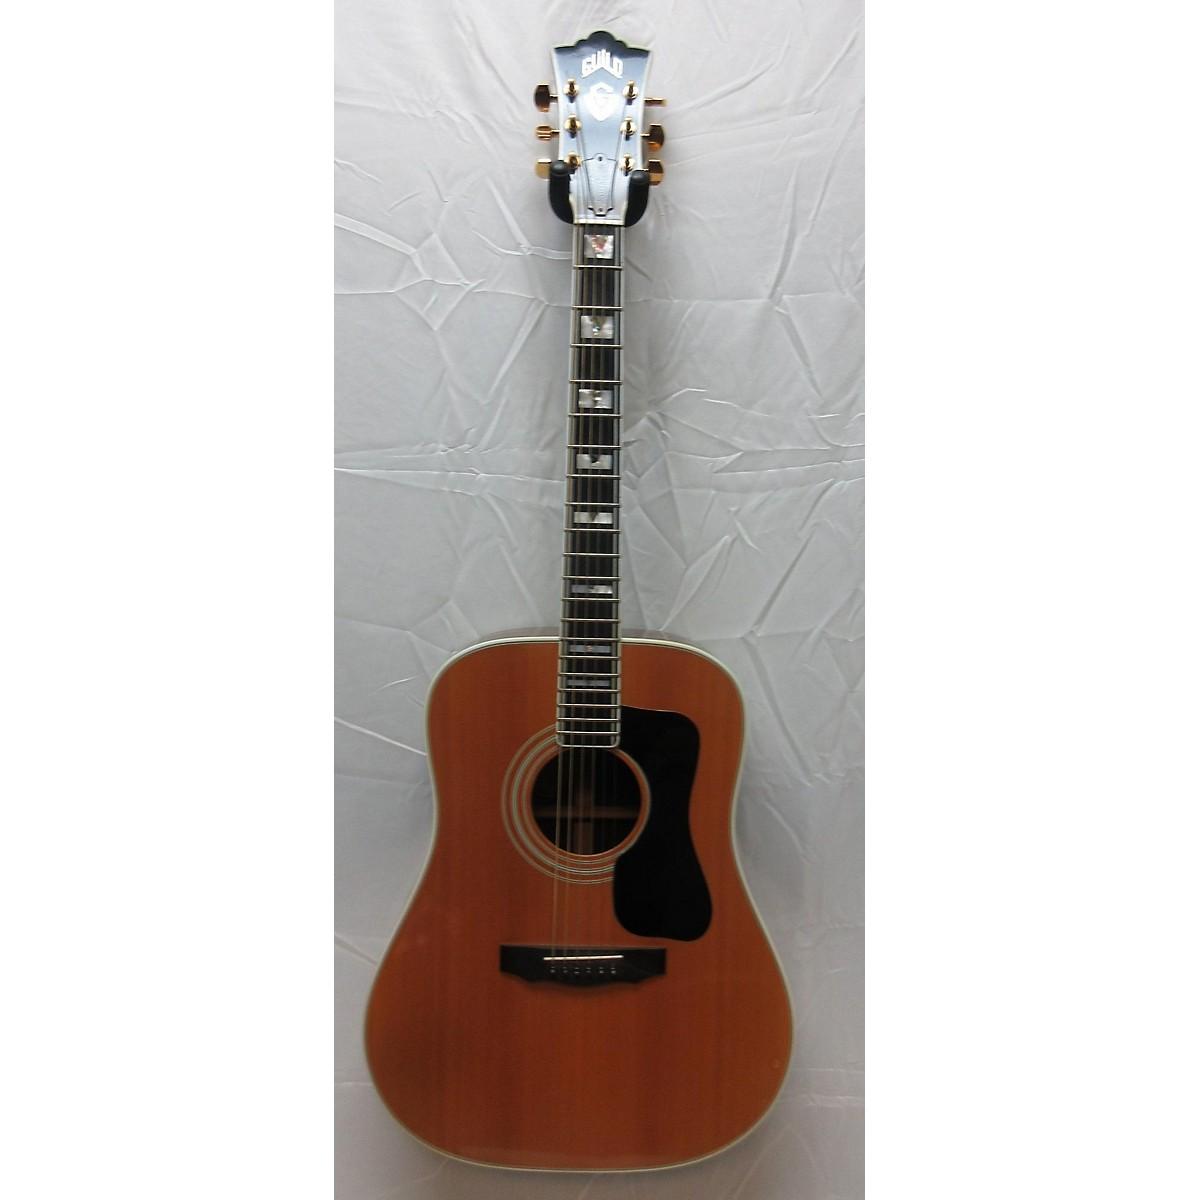 Guild 1978 D55 Acoustic Guitar